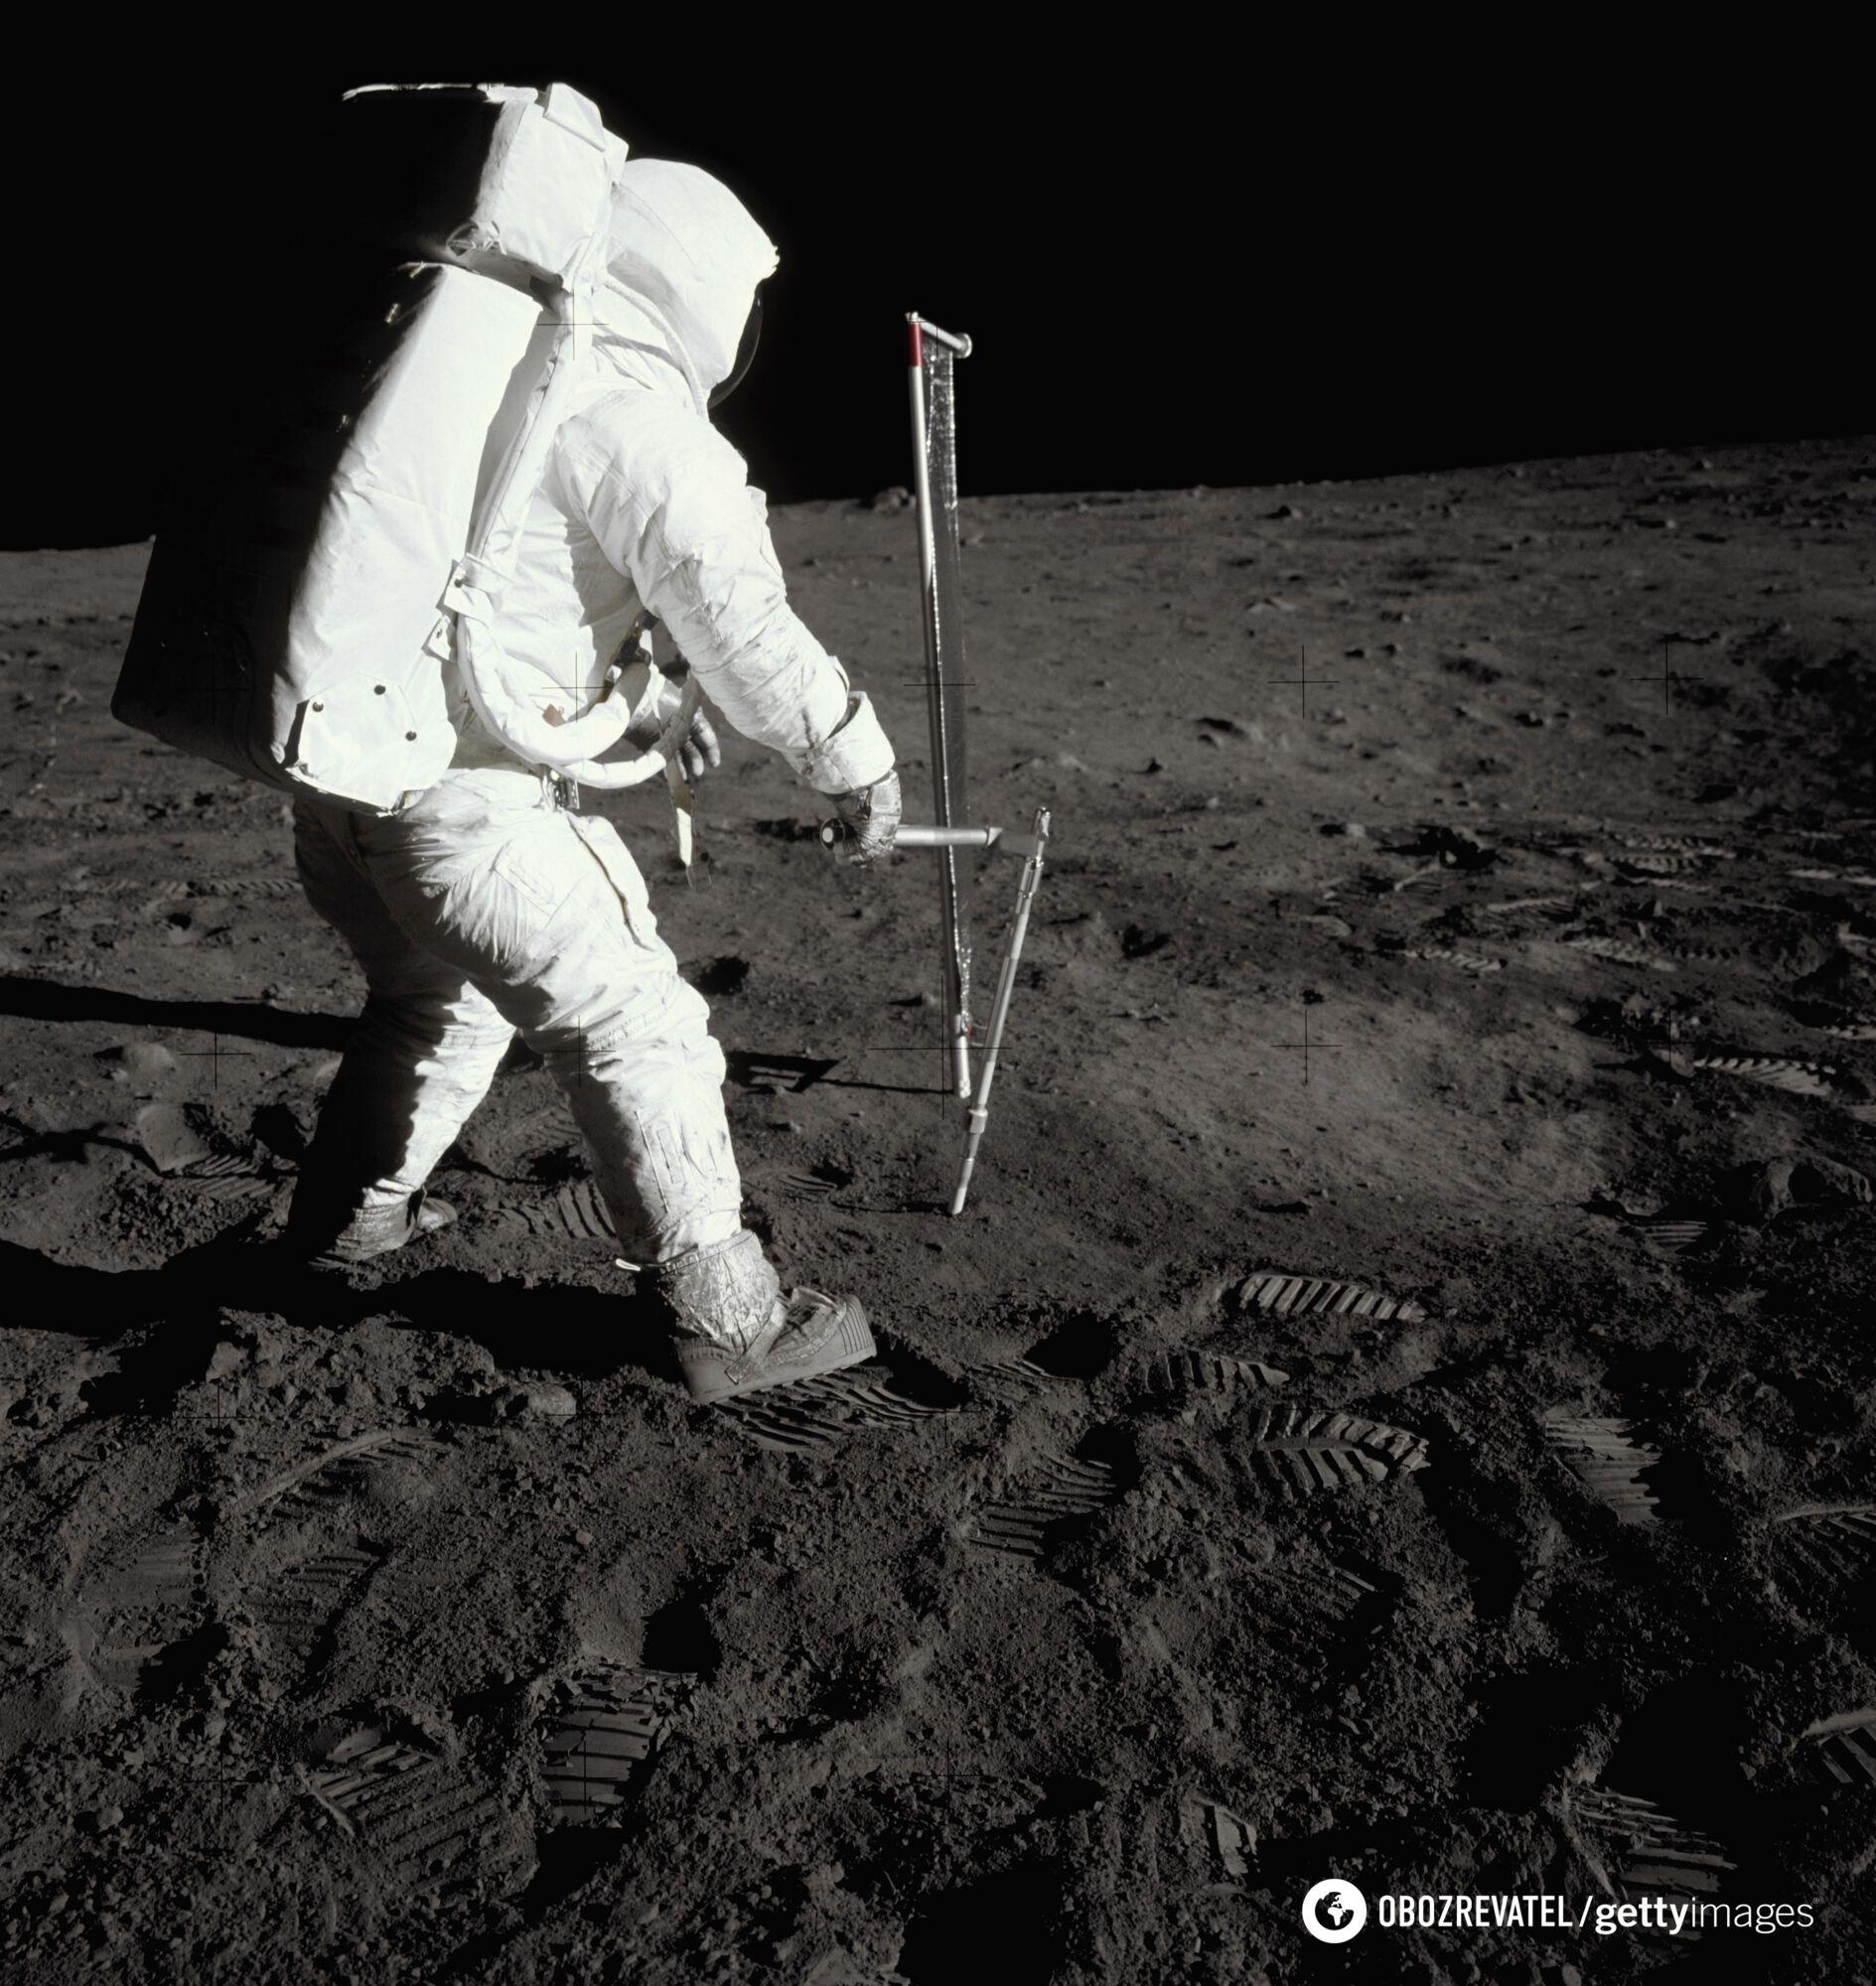 Базз Олдрін бере зразки грунту на поверхні Місяця